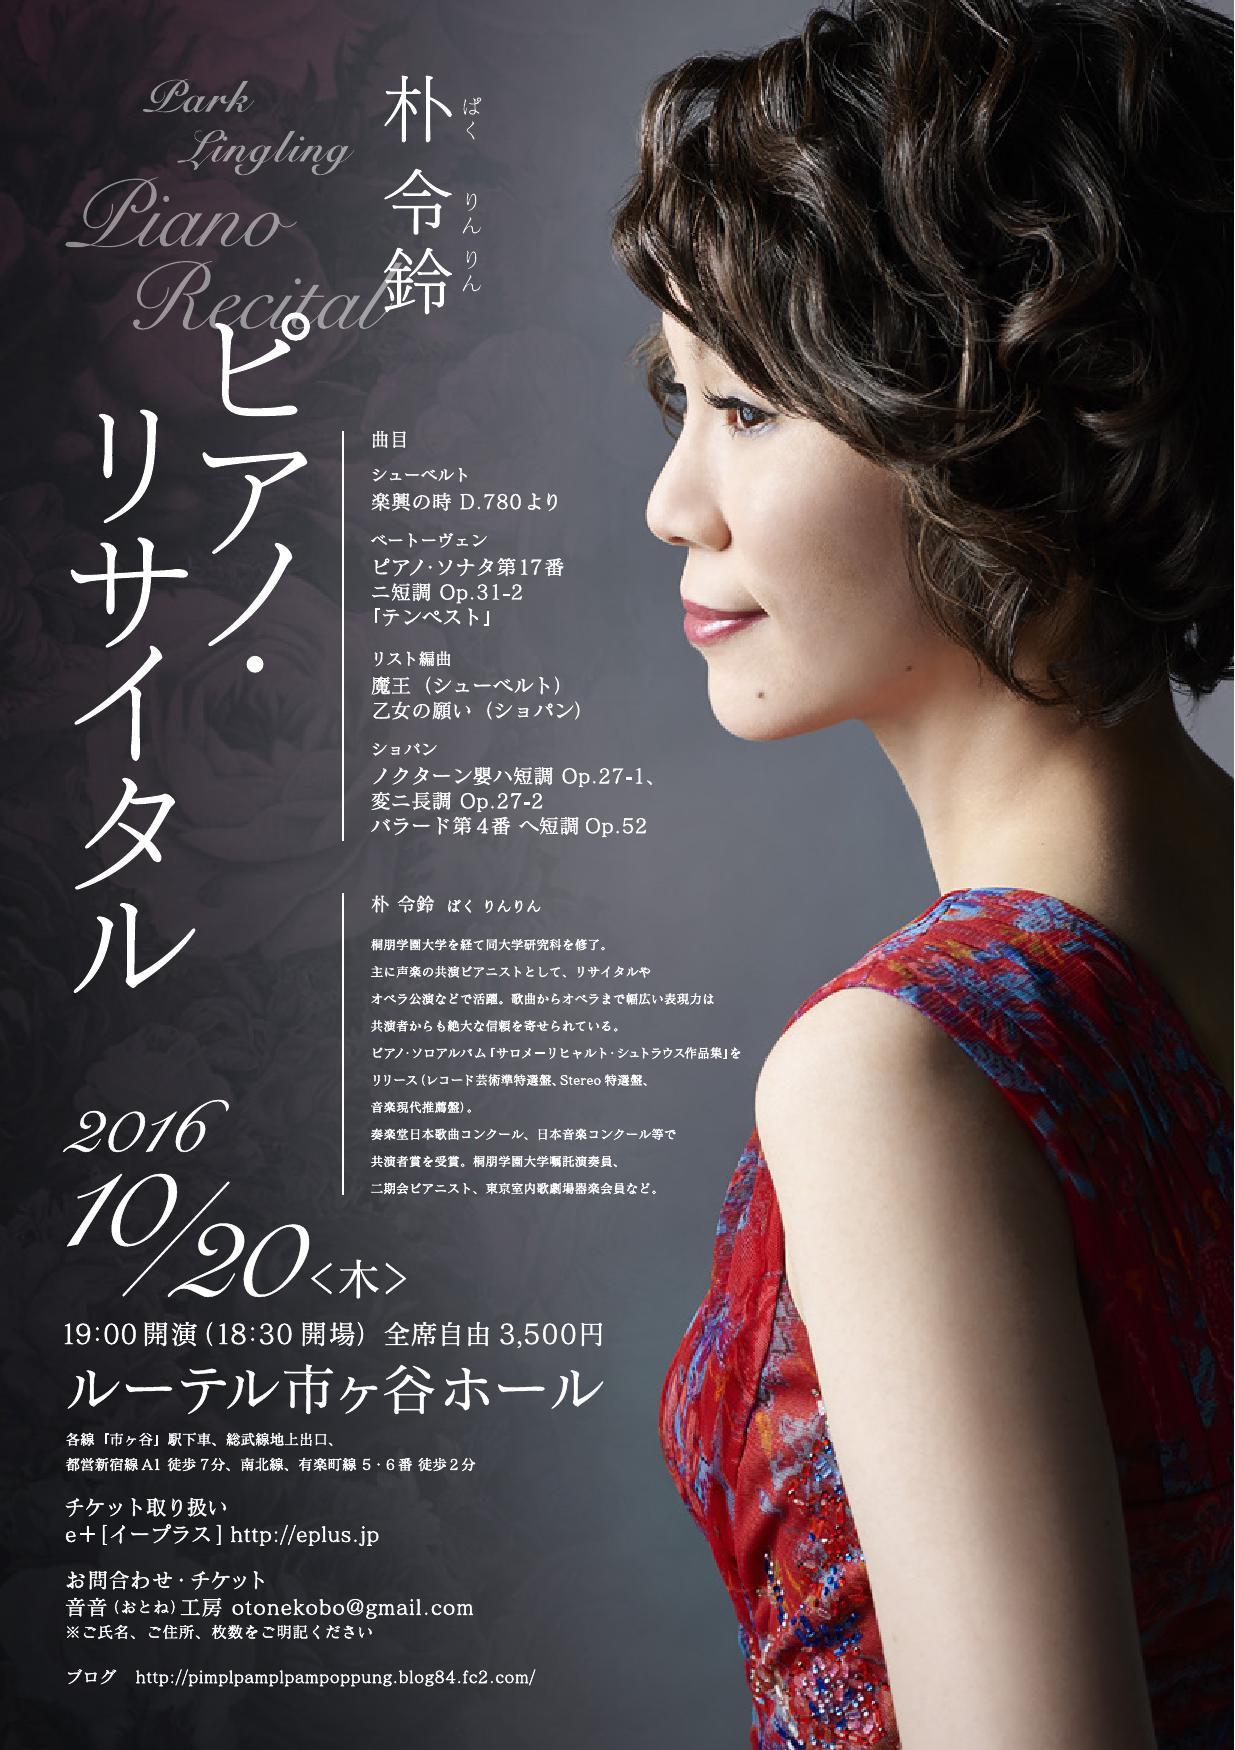 2016.10.20 朴令鈴 ピアノ・リサイタル ルーテル市ヶ谷ホール